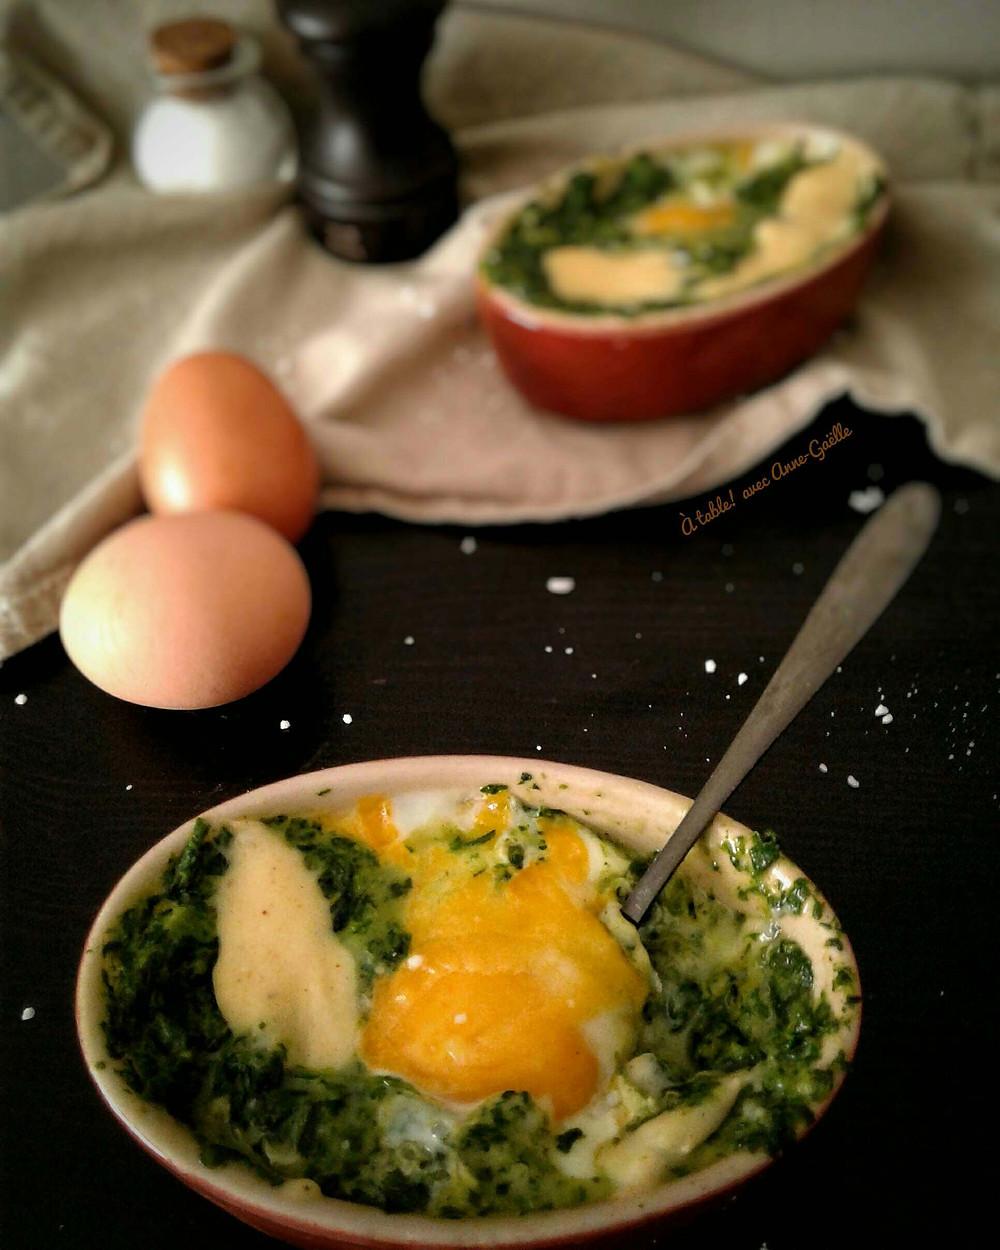 Plats d'œufs florentine, œufs frais et condiments sur une table.